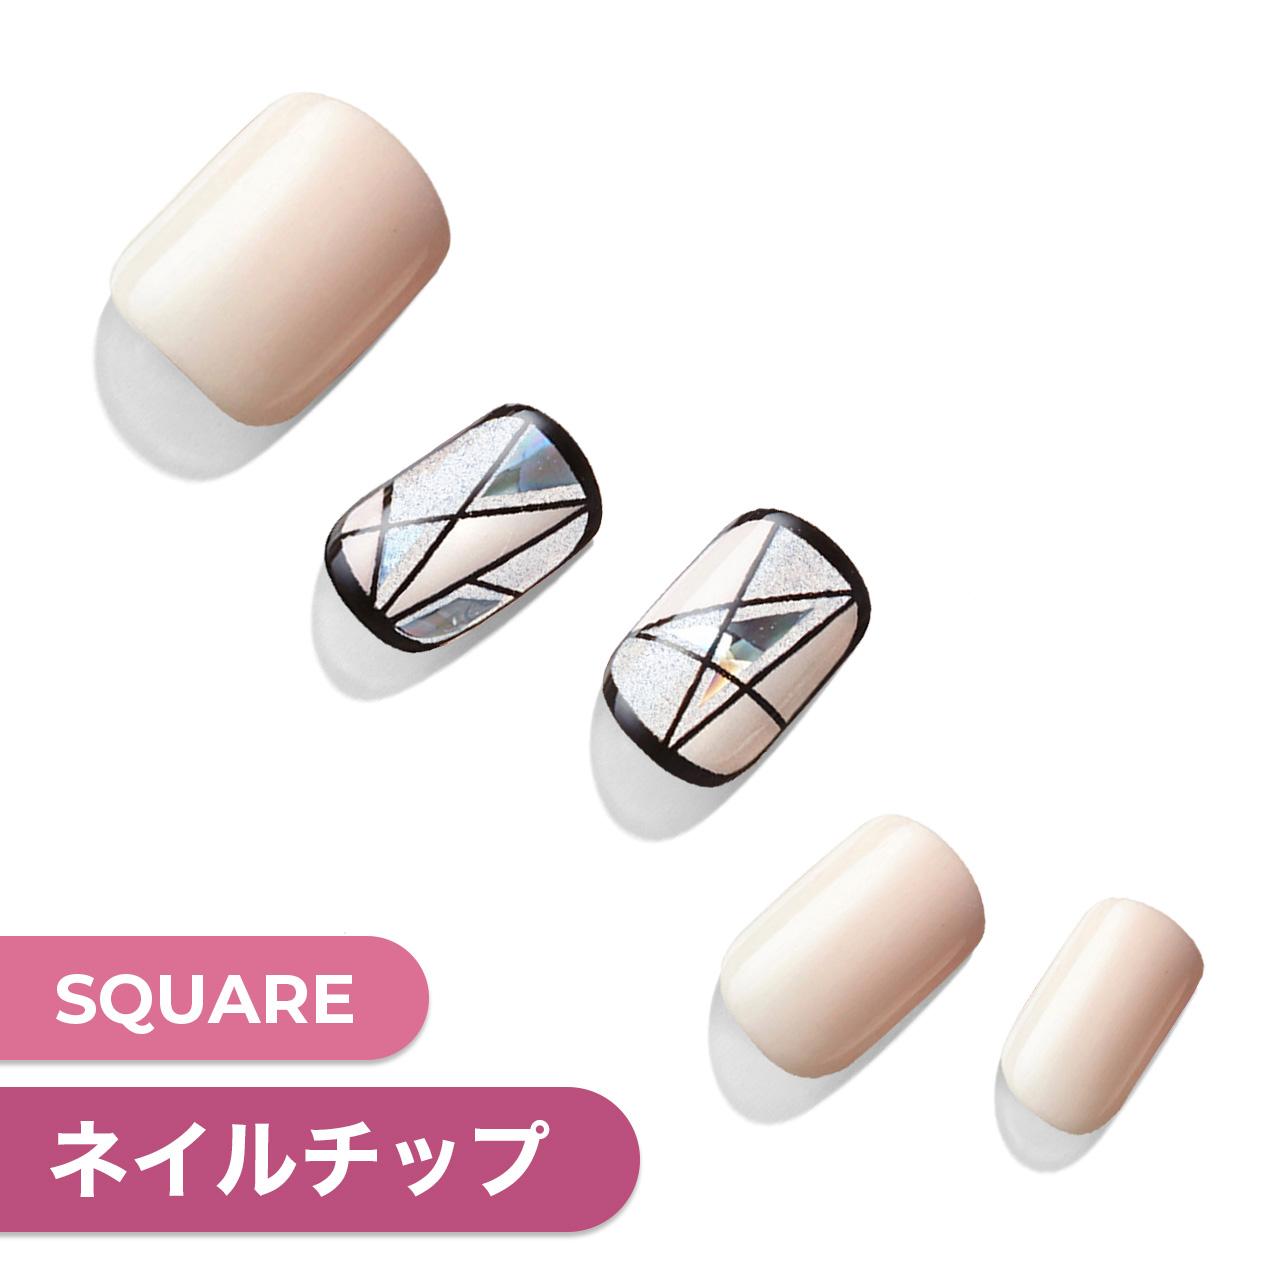 ダッシングディバマジックプレス【MDR081】Creamy Prism